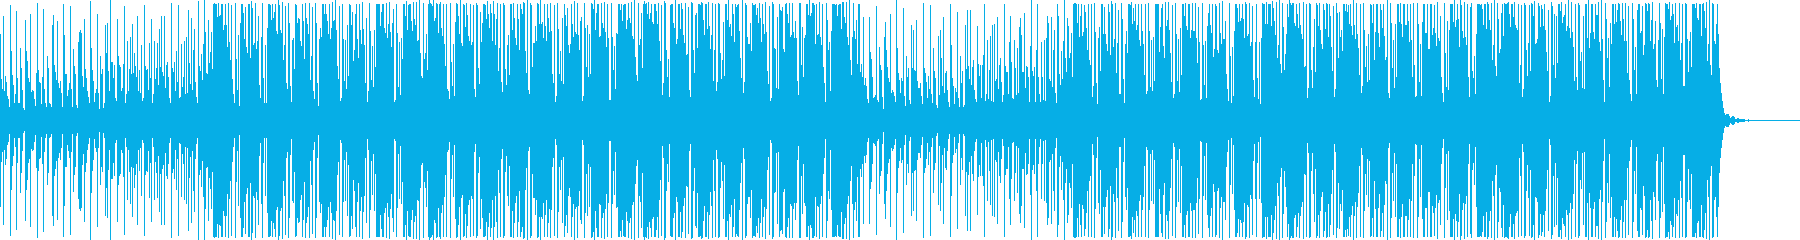 少し機械的な淡々とした/企業VP系06cの再生済みの波形